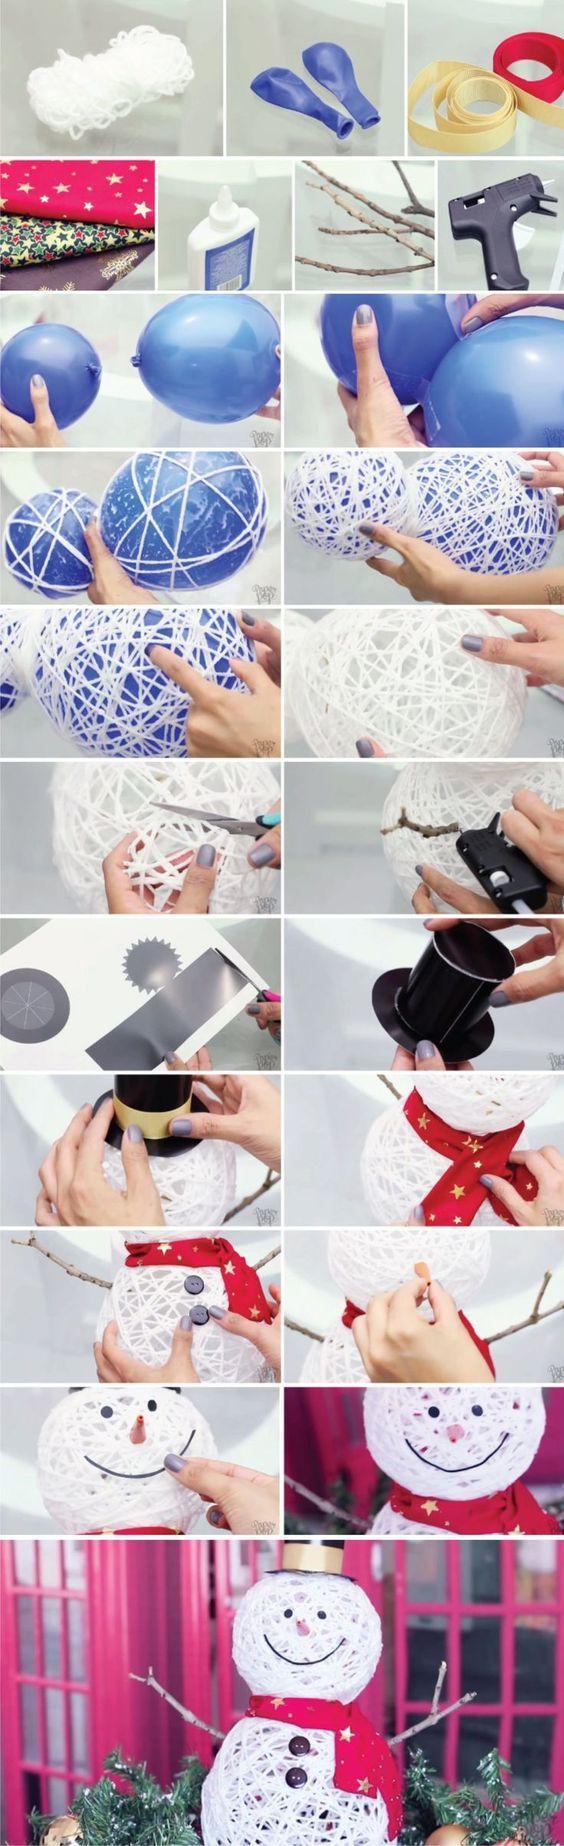 15 proyectos de bricolaje para que disfrutes del invierno en casa Modestil.info